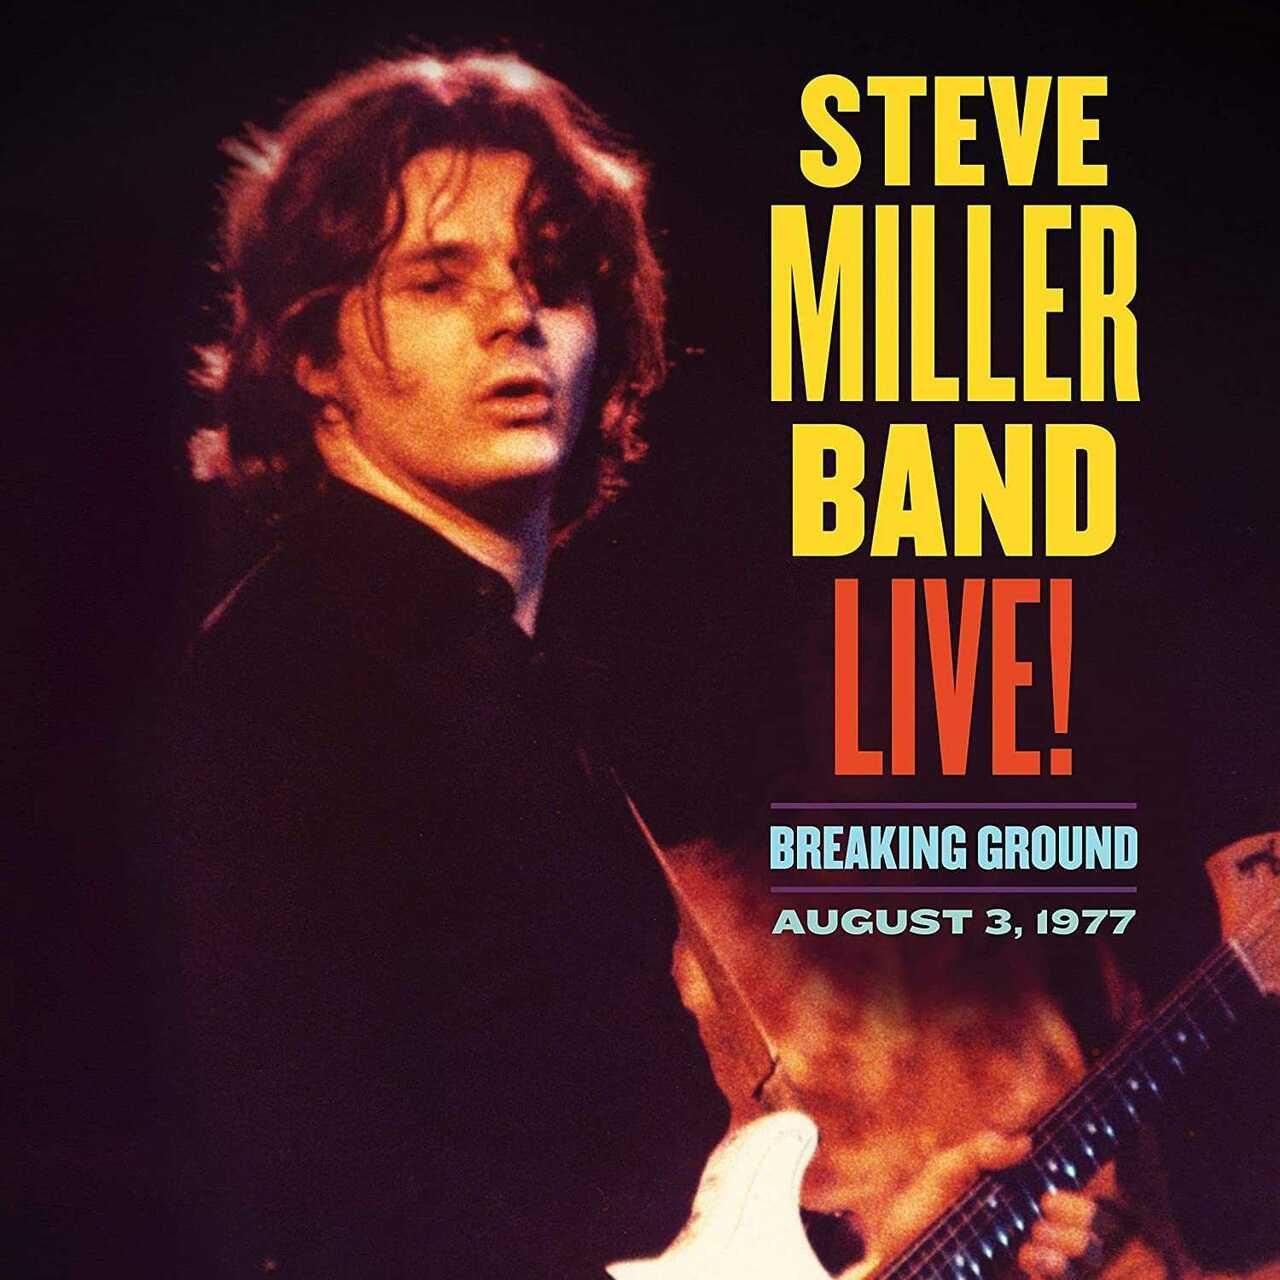 Steve Miller Band - CD Live! Breaking Ground: August 3, 1977